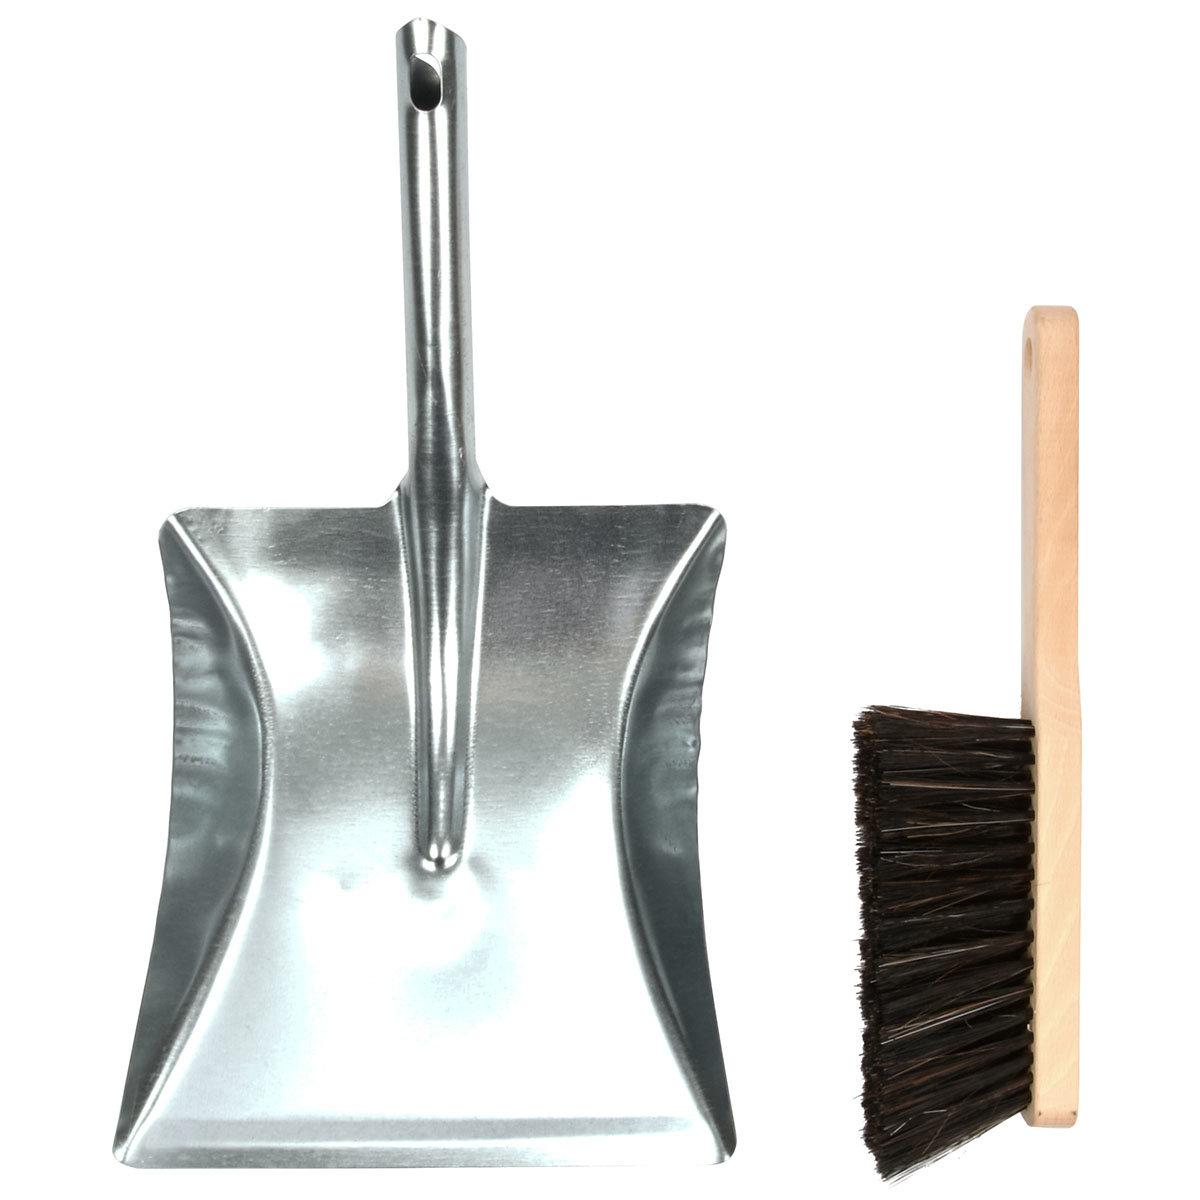 Kehrblech und Handfeger, 2teiliges Set